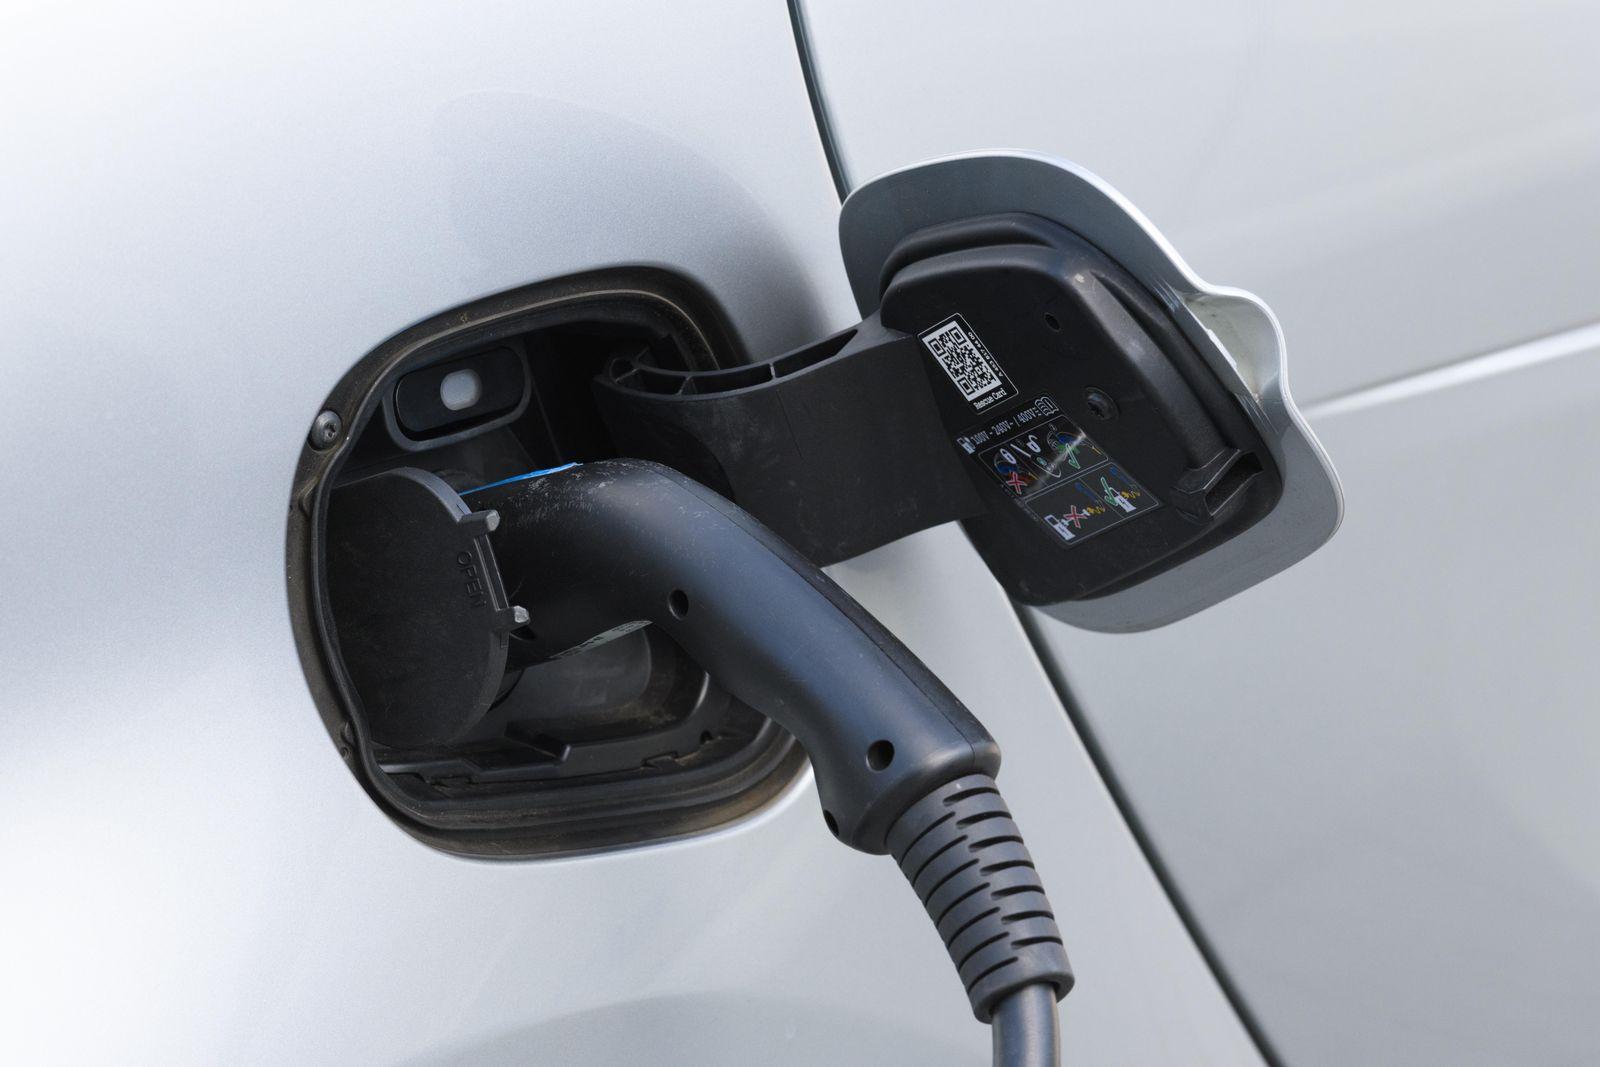 Elektroauto, E-Auto beim Aufladen an der Ladestation mit Ladekabel, Stuttgart, Baden-Württemberg, Deutschland, Europa **